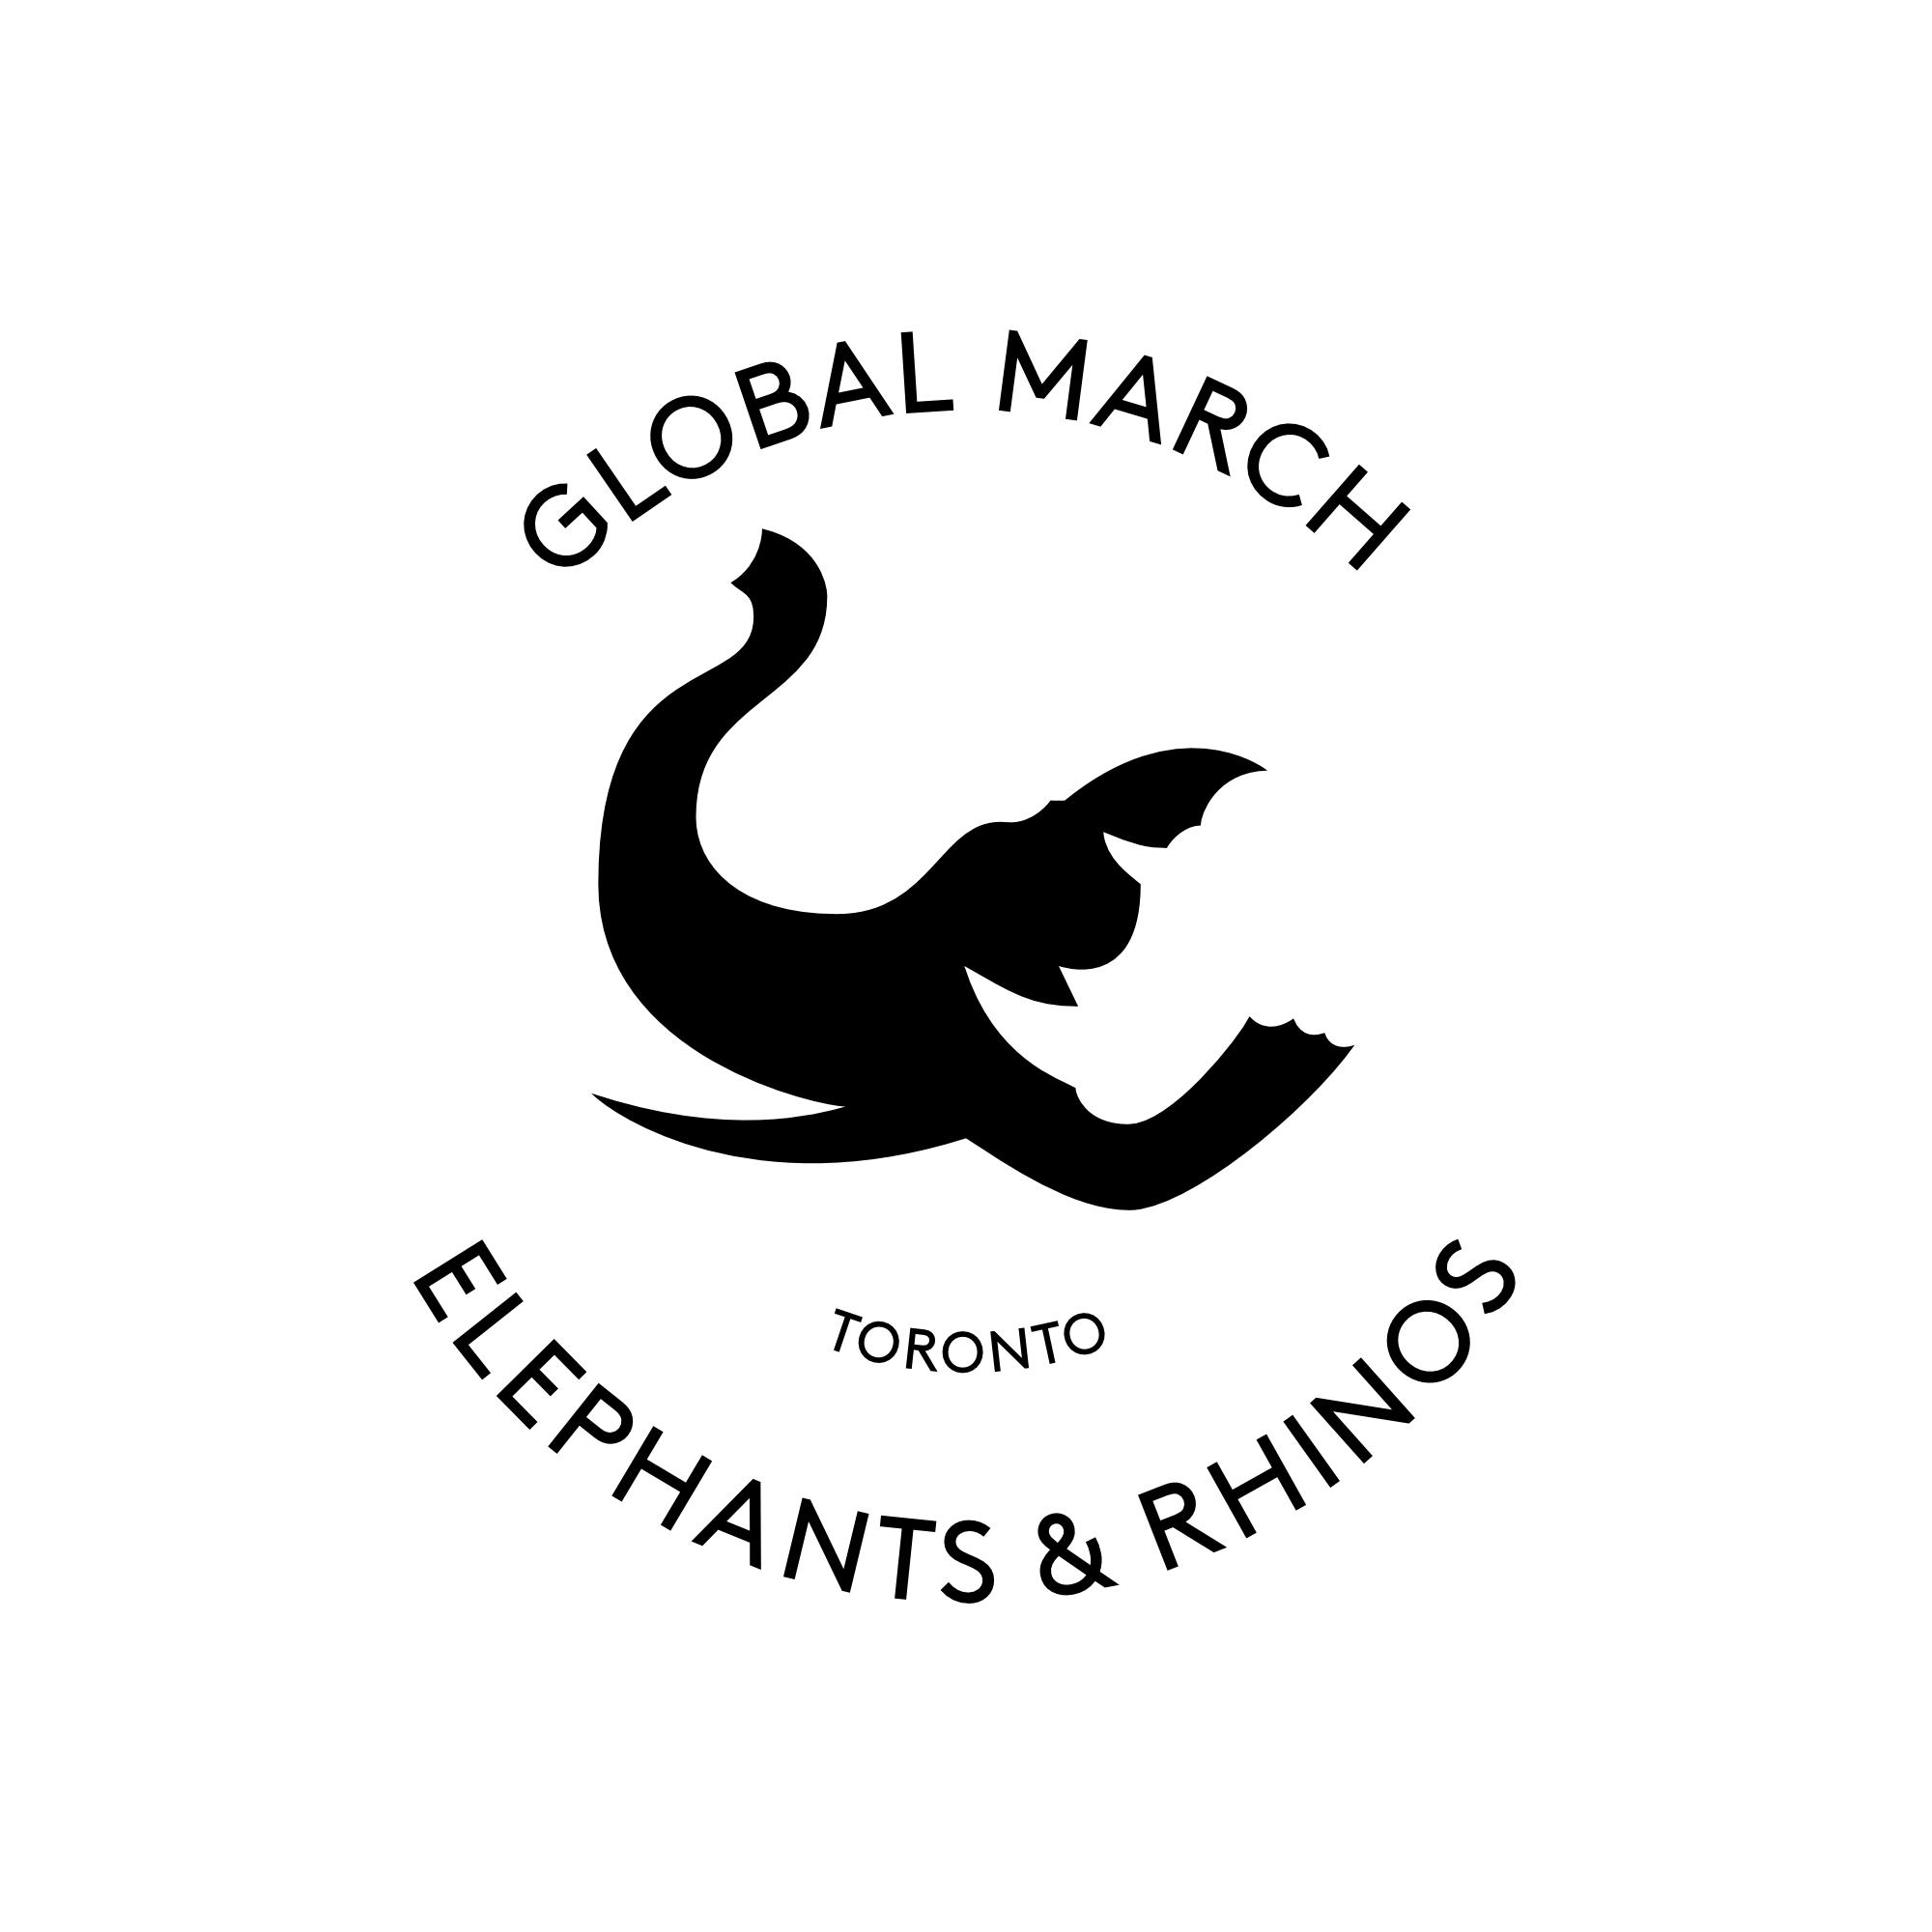 Global March for Elephants & Rhinos logo